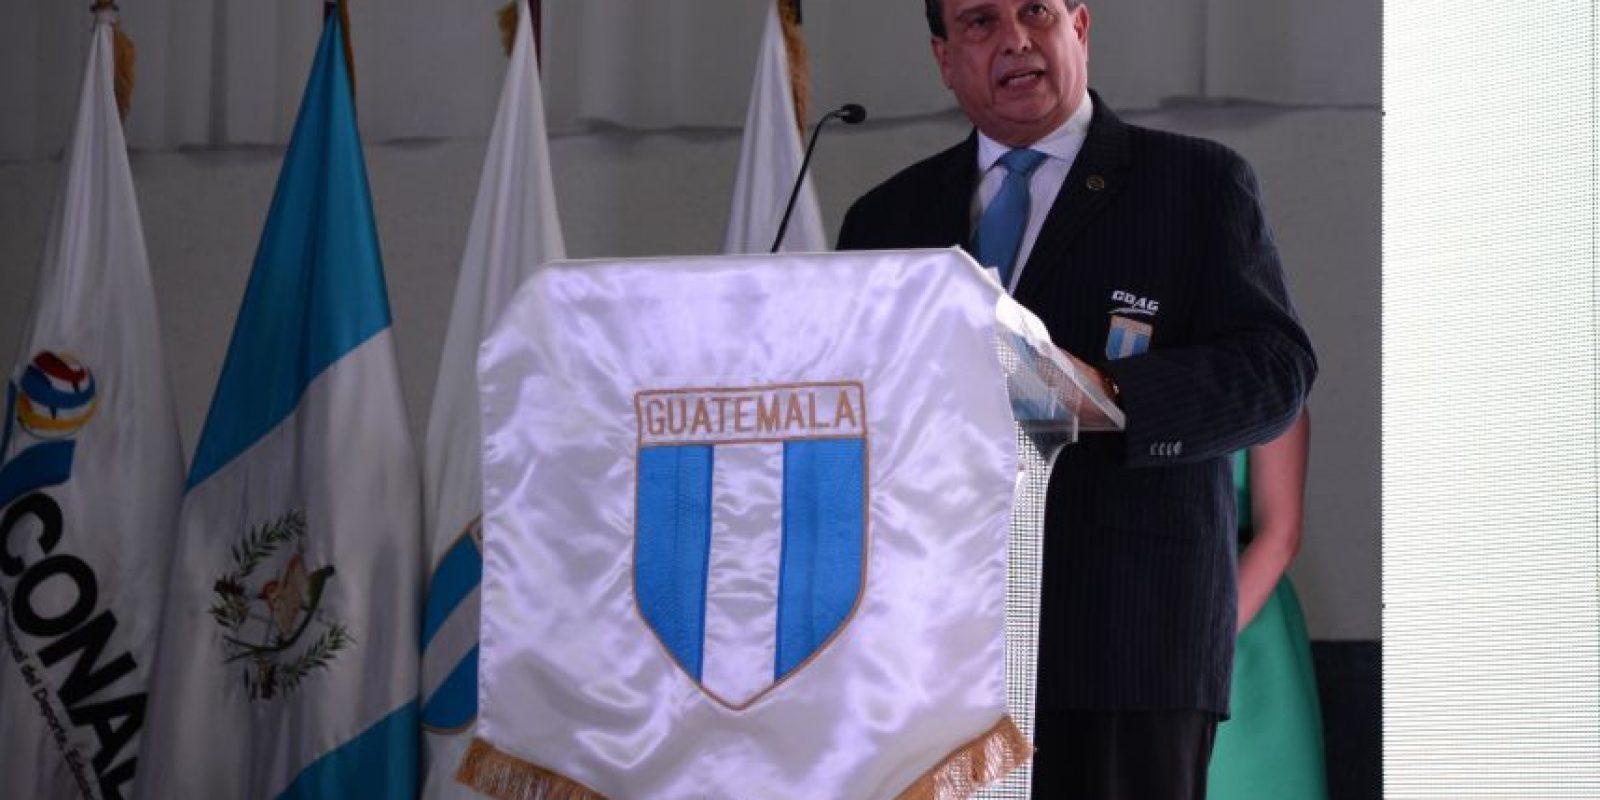 El 22 de diciembre se celebrará la Asamblea del Futbol para decidir qué pasará con el comité ejecutivo. Foto:Fernando Ruiz